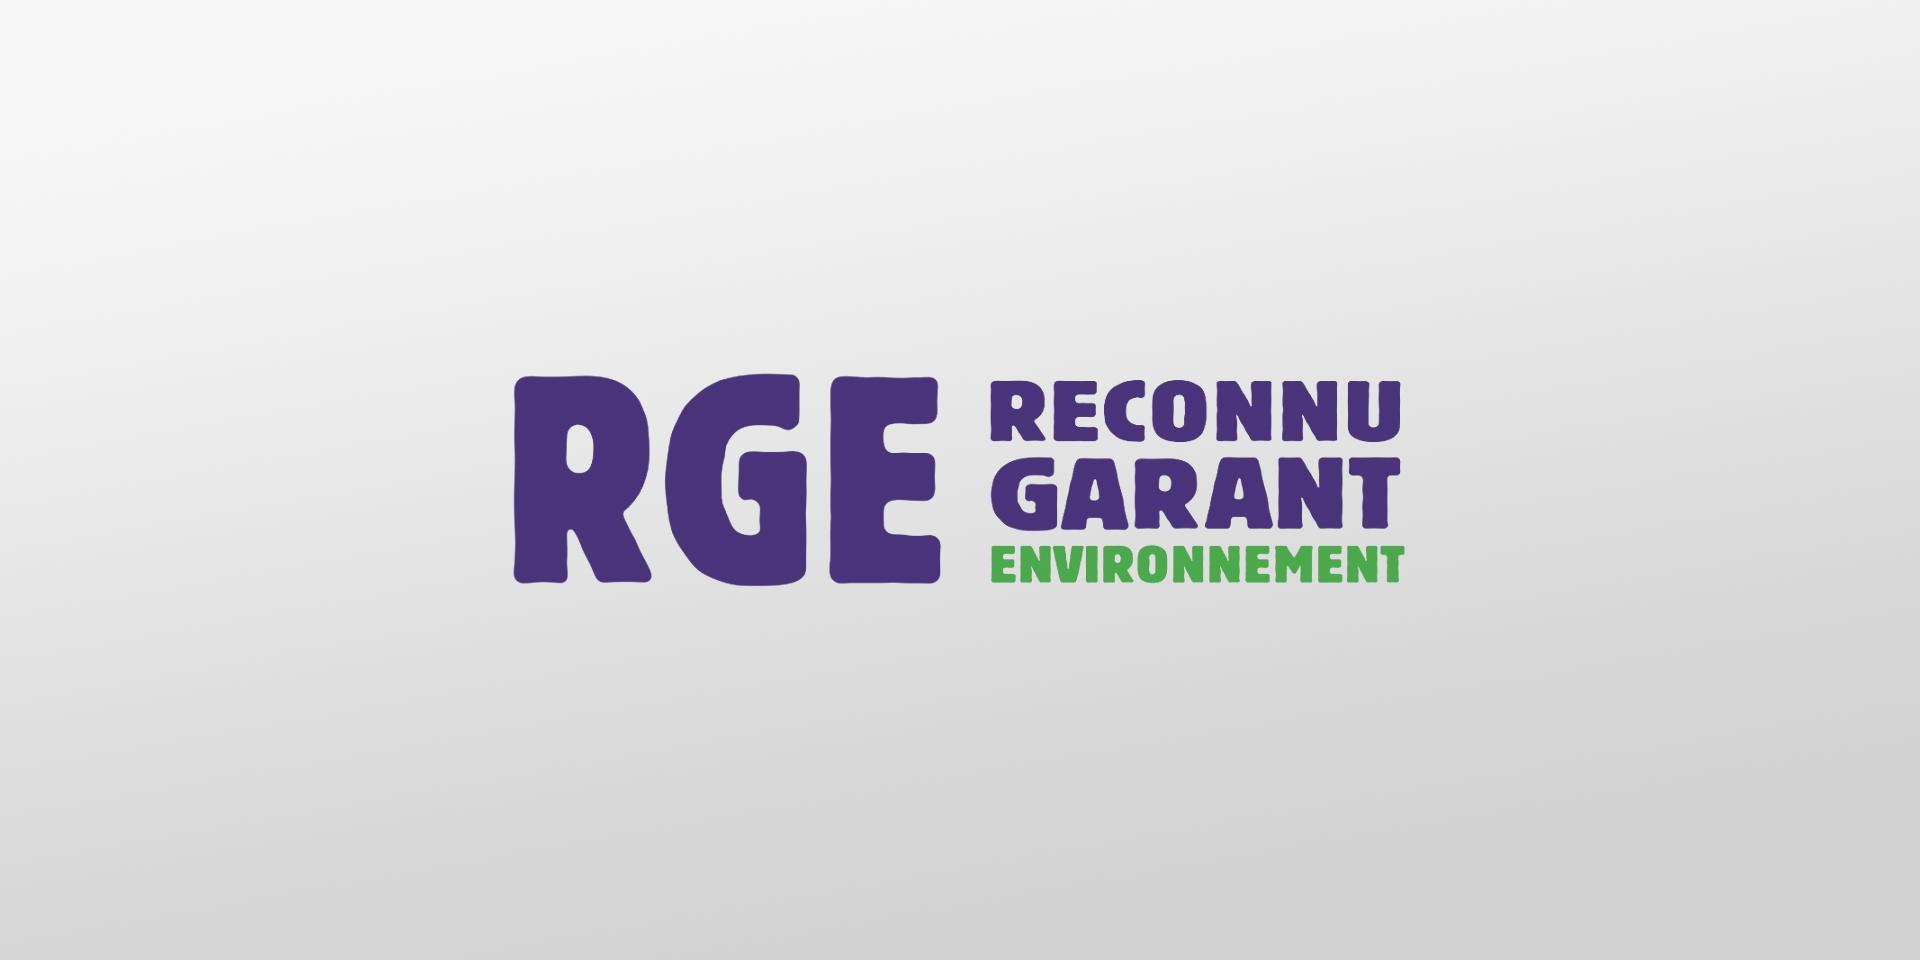 Combles et Création est agrée RGE depuis 2013 (reconnue grenelle de l'environnement)